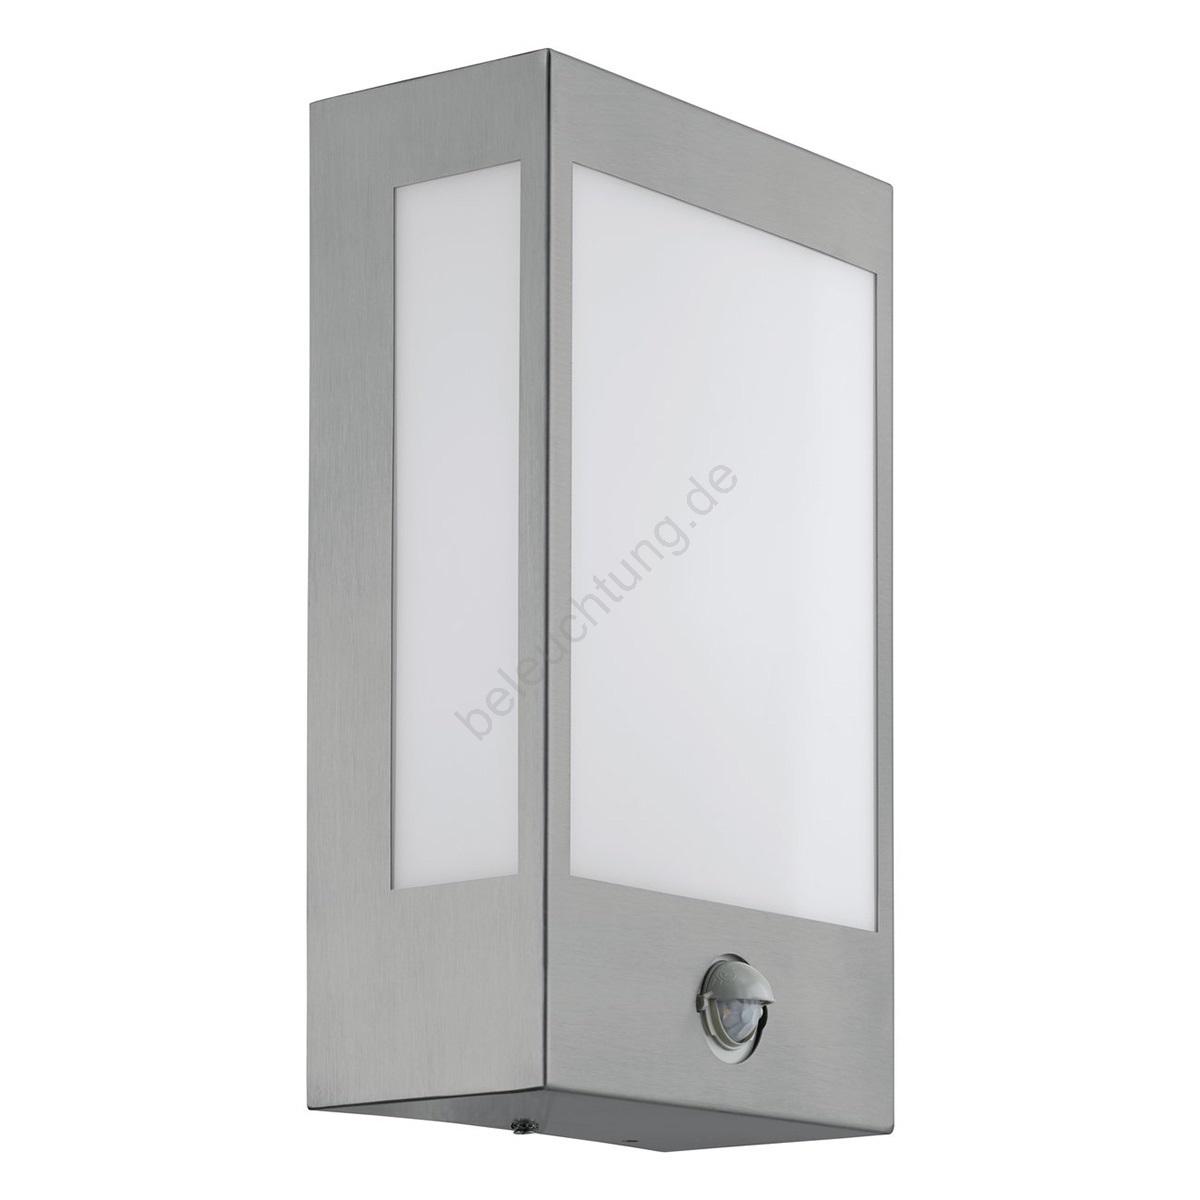 eglo 95989 led outdoor leuchte mit sensor ralora 1 led. Black Bedroom Furniture Sets. Home Design Ideas